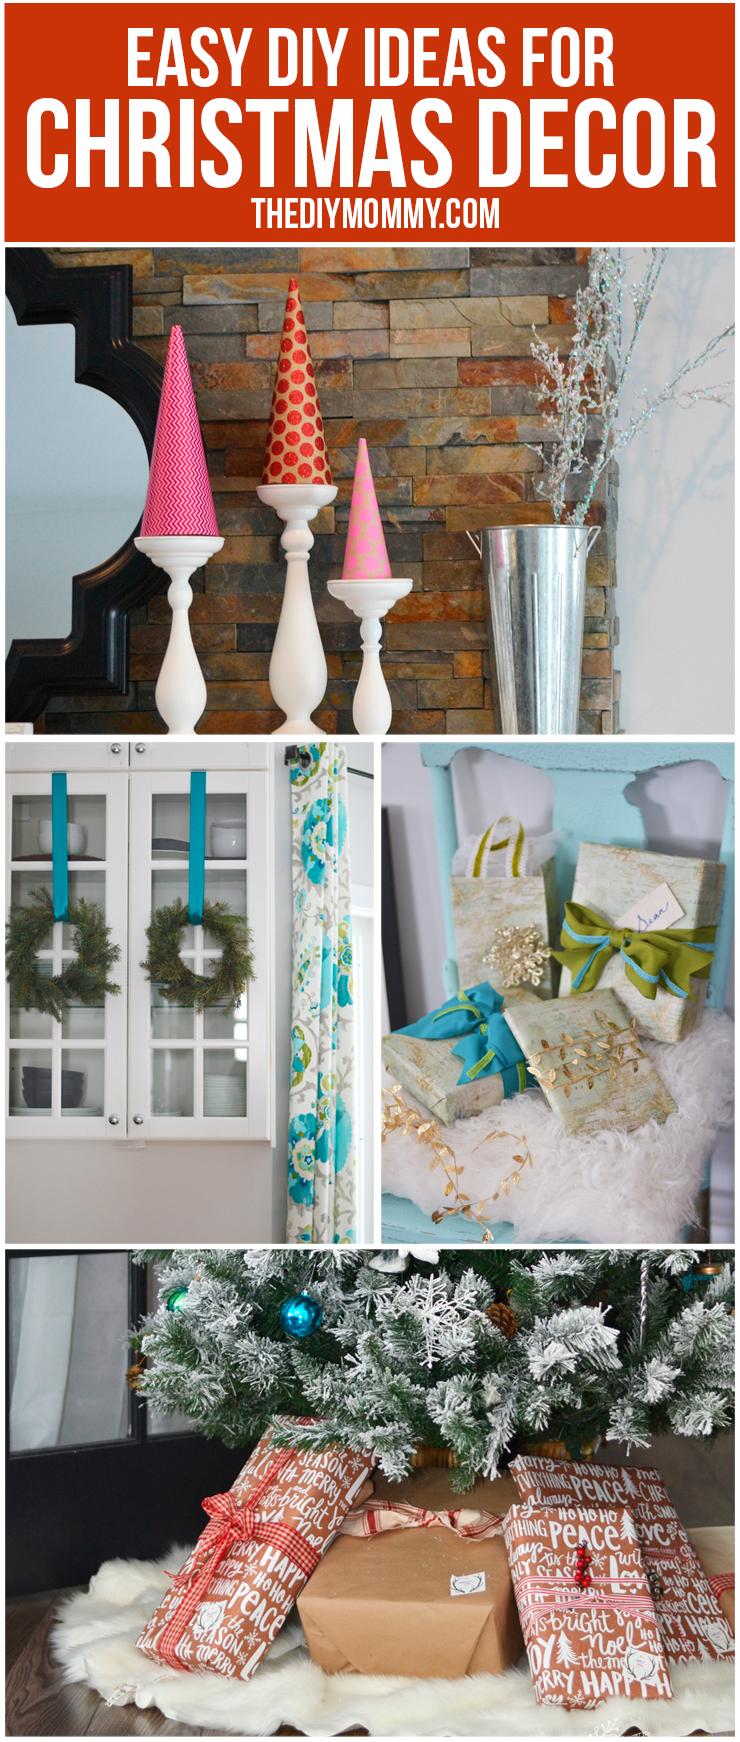 Easy DIY Ideas for Christmas Decor